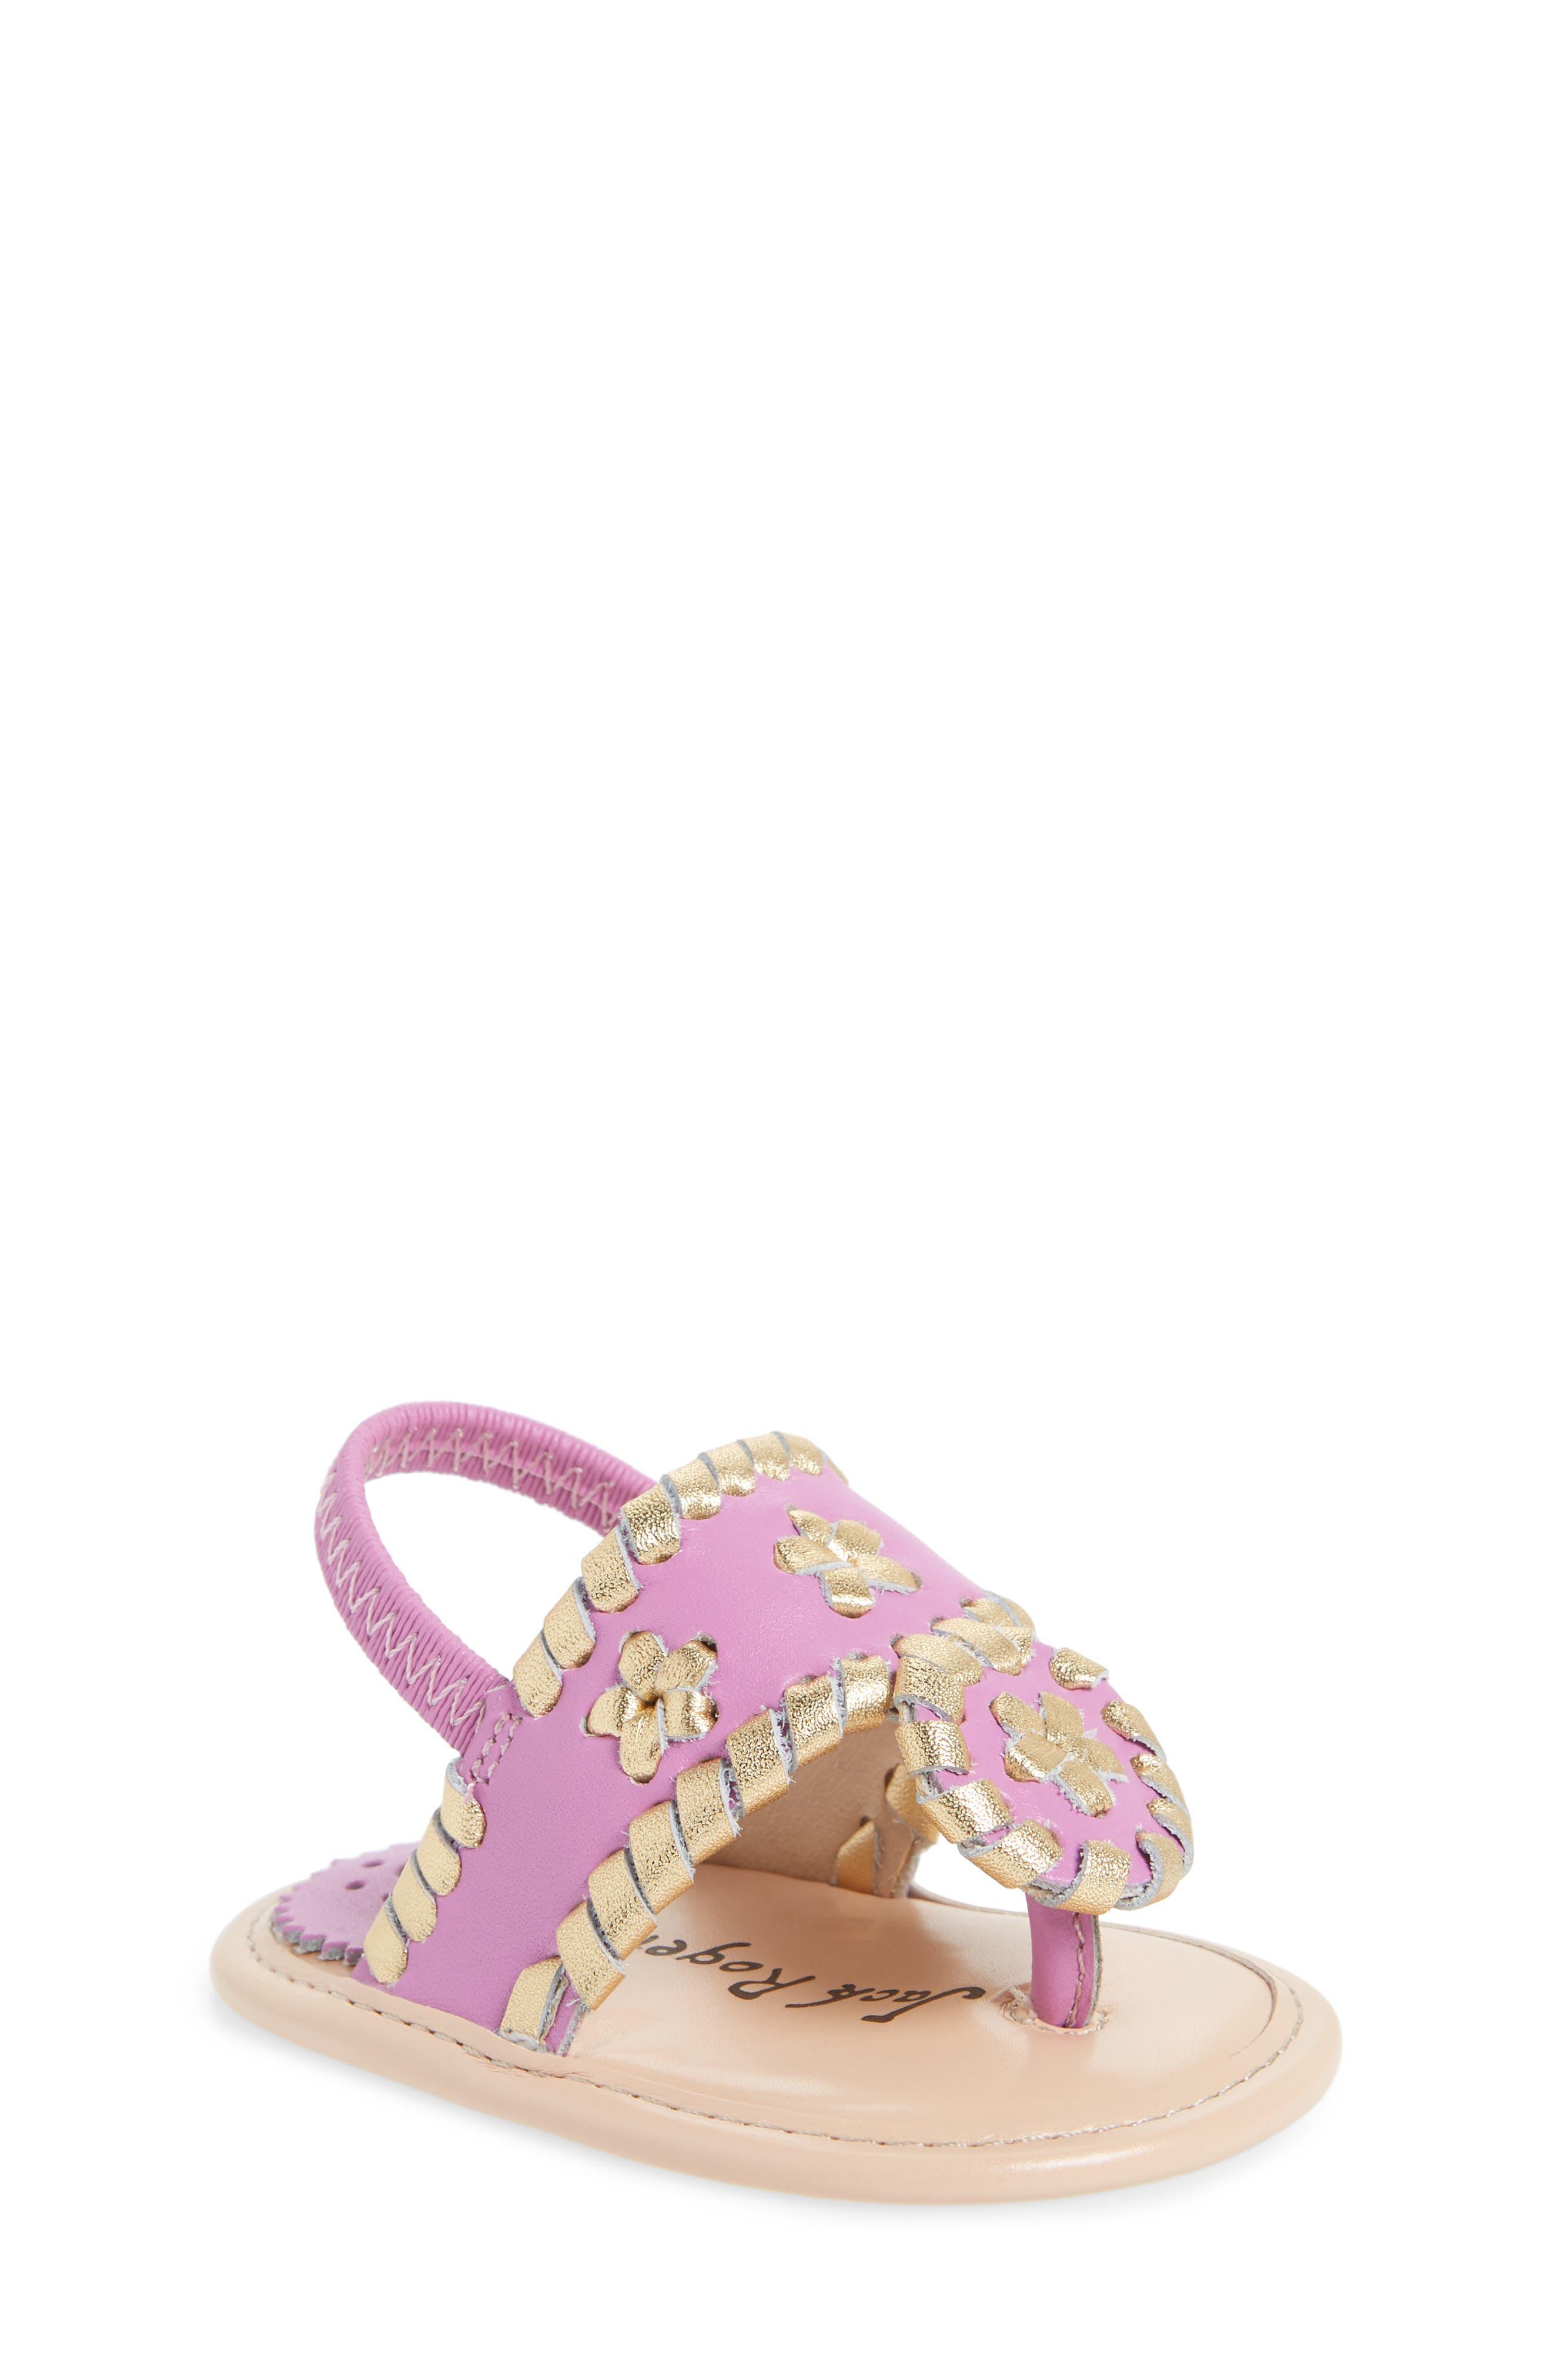 Hollis Sandal,                         Main,                         color, Lavender Pink/ Gold Leather